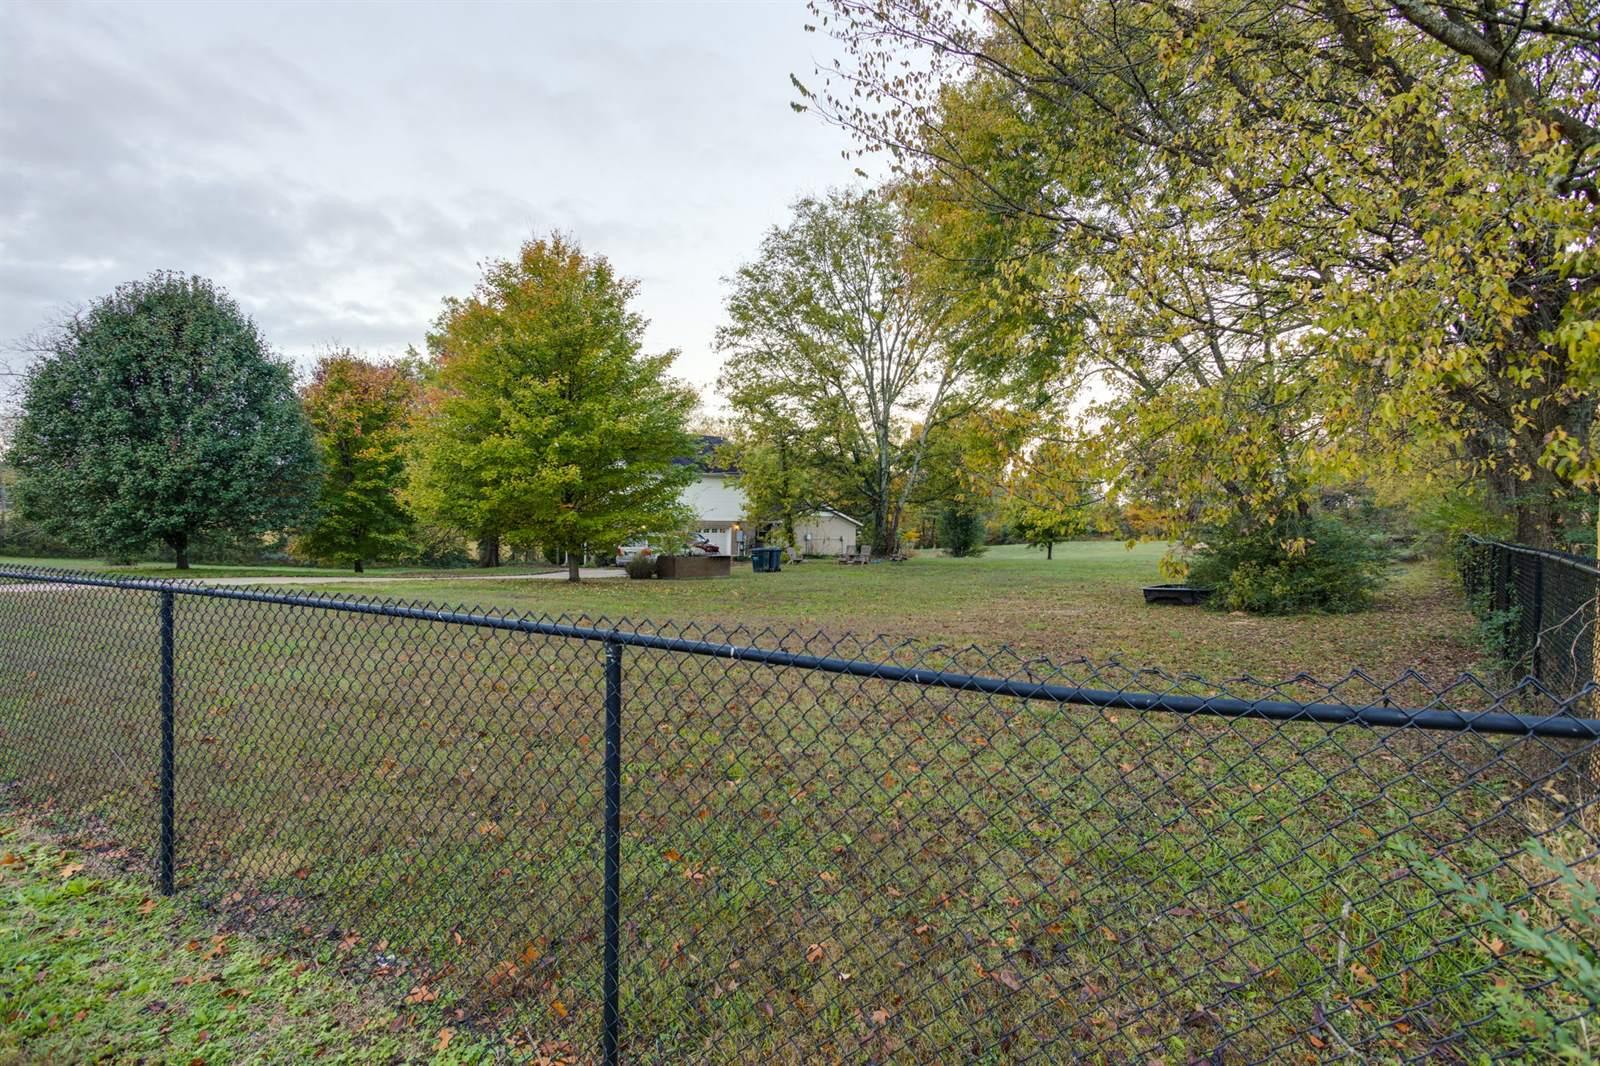 1785 Hwy 31 W, Goodlettsville, TN 37072